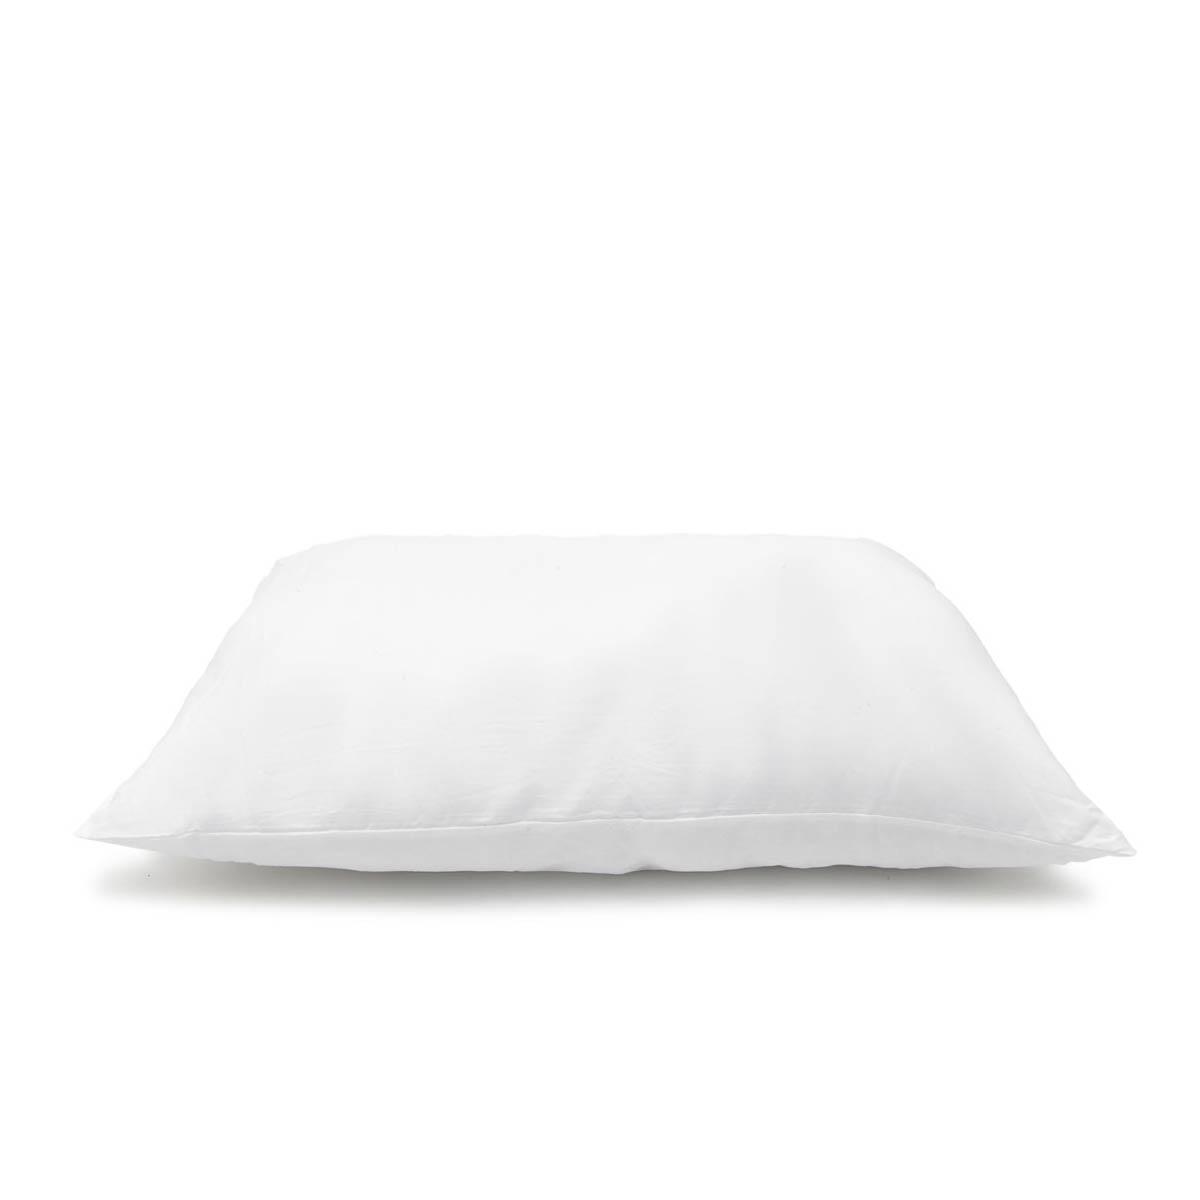 Kit 4 Travesseiros Cotton Plus 180 Fios Rolinho 50X70 Suporte Firme Camesa